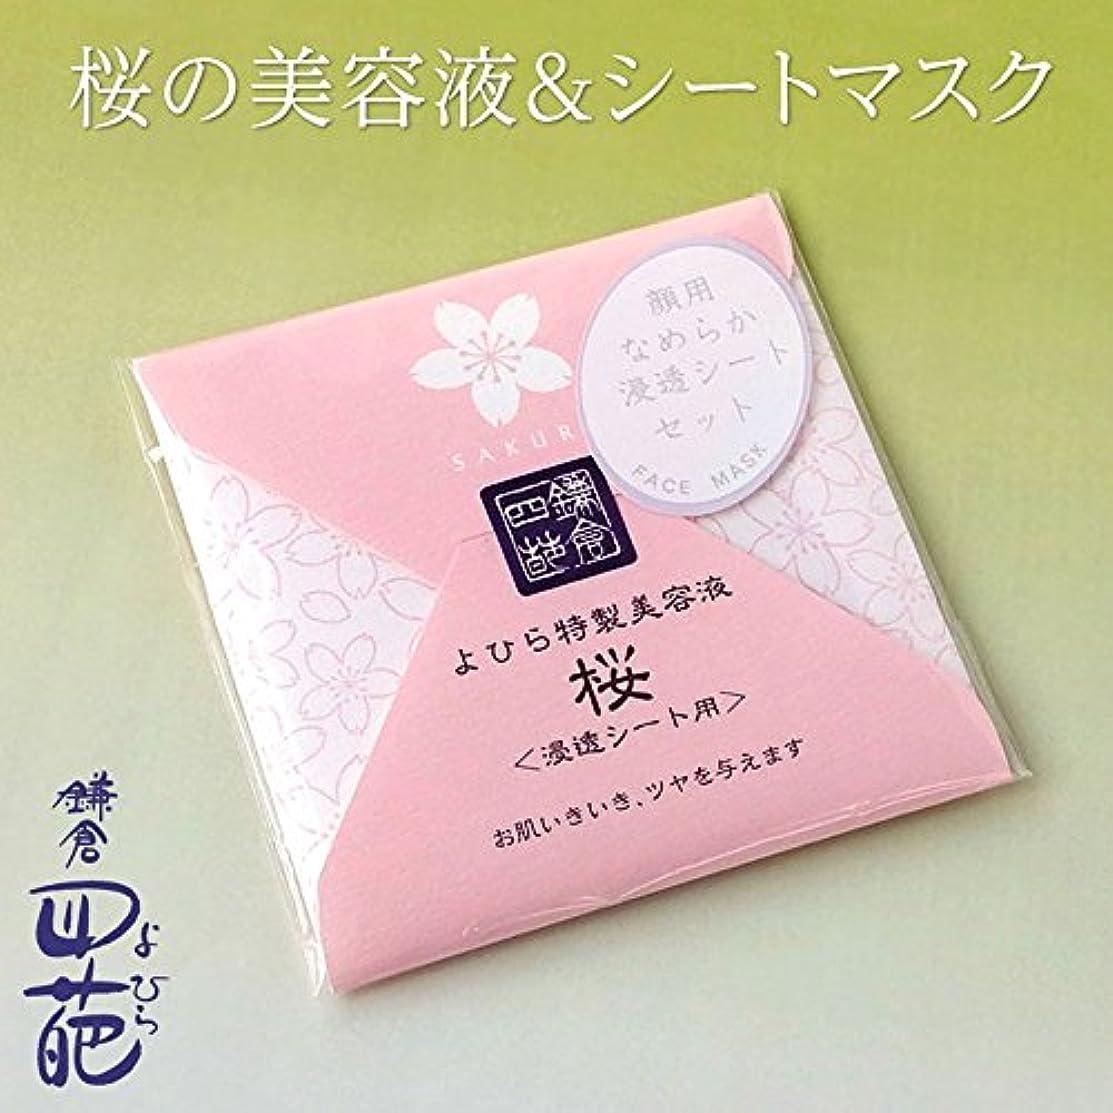 桜の美容液&シートマスク